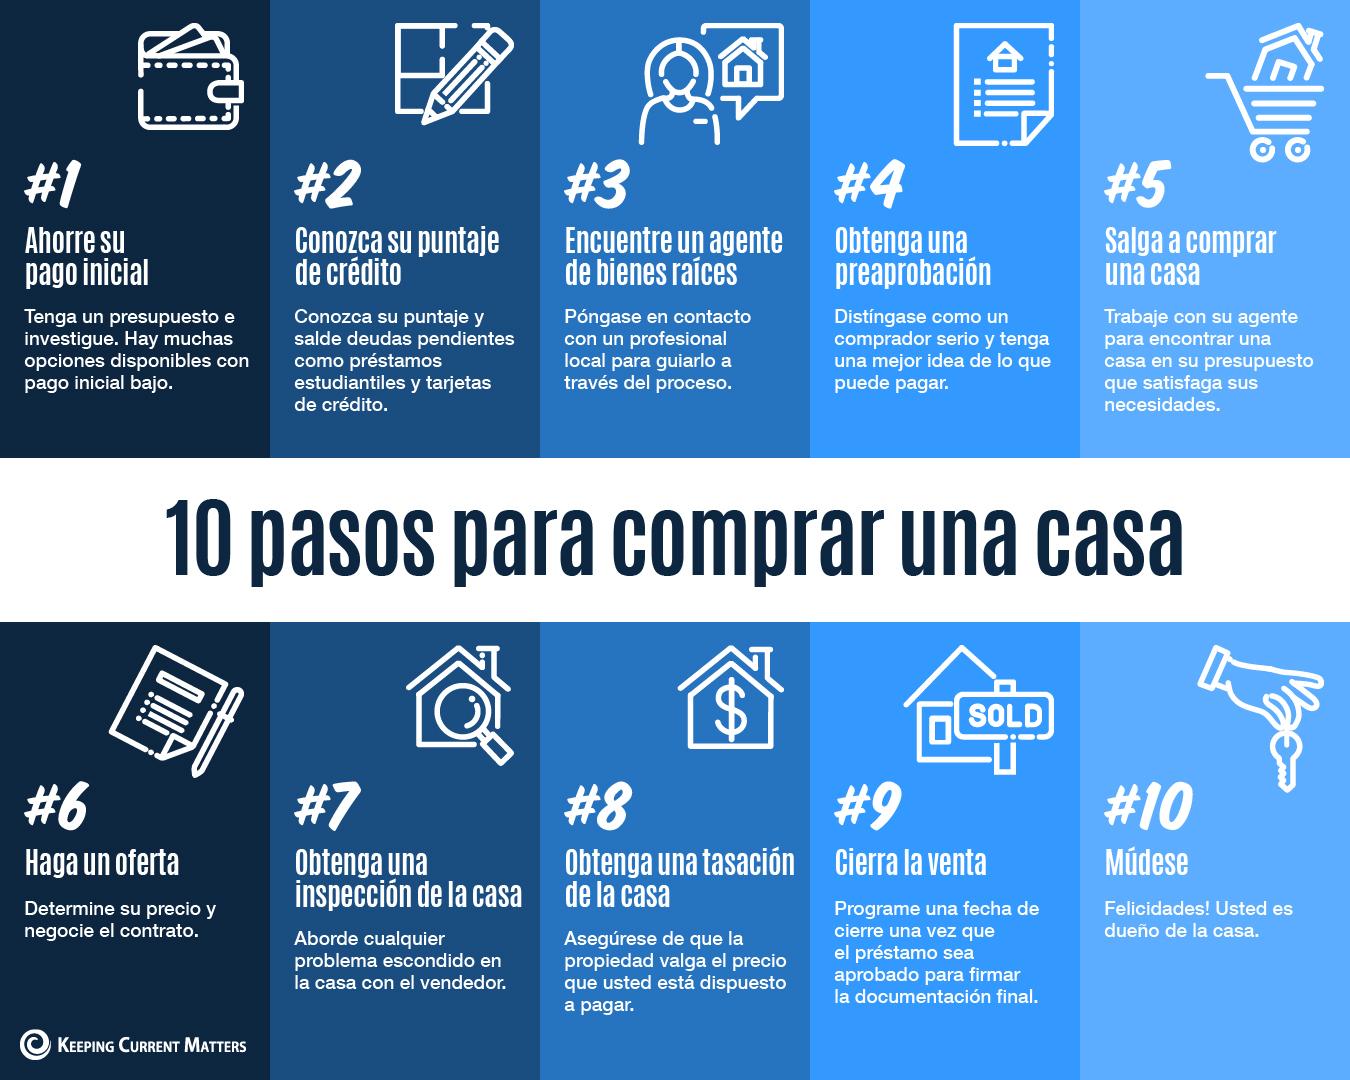 10 pasos para comprar una casa [Infografía] | Keeping Current Matters